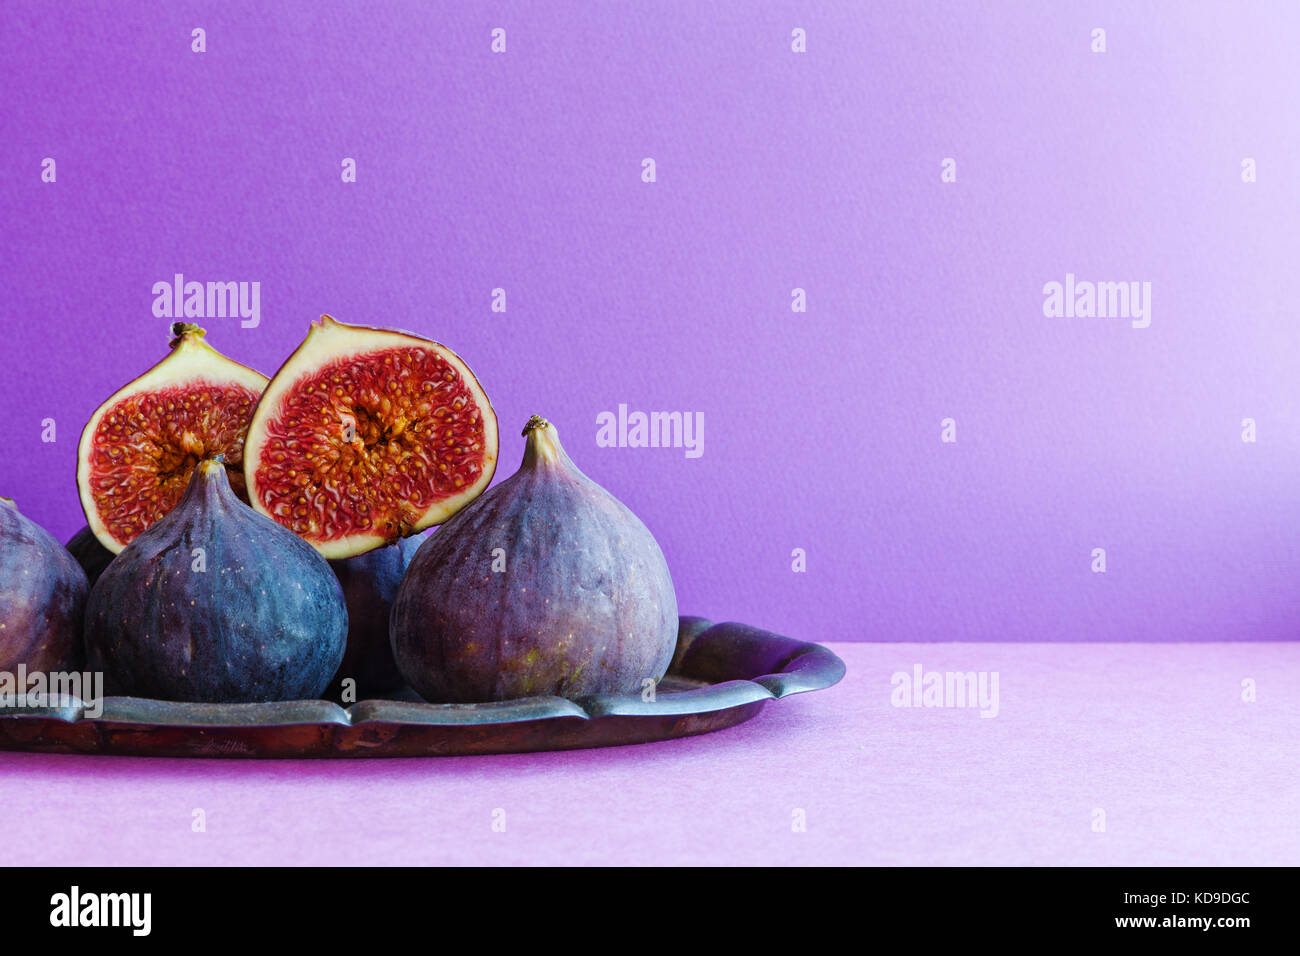 Todavía brillante vida fig frutas orgánicas en una antigua bandeja, hermoso fondo violeta púrpura. El enfoque selectivo Foto de stock